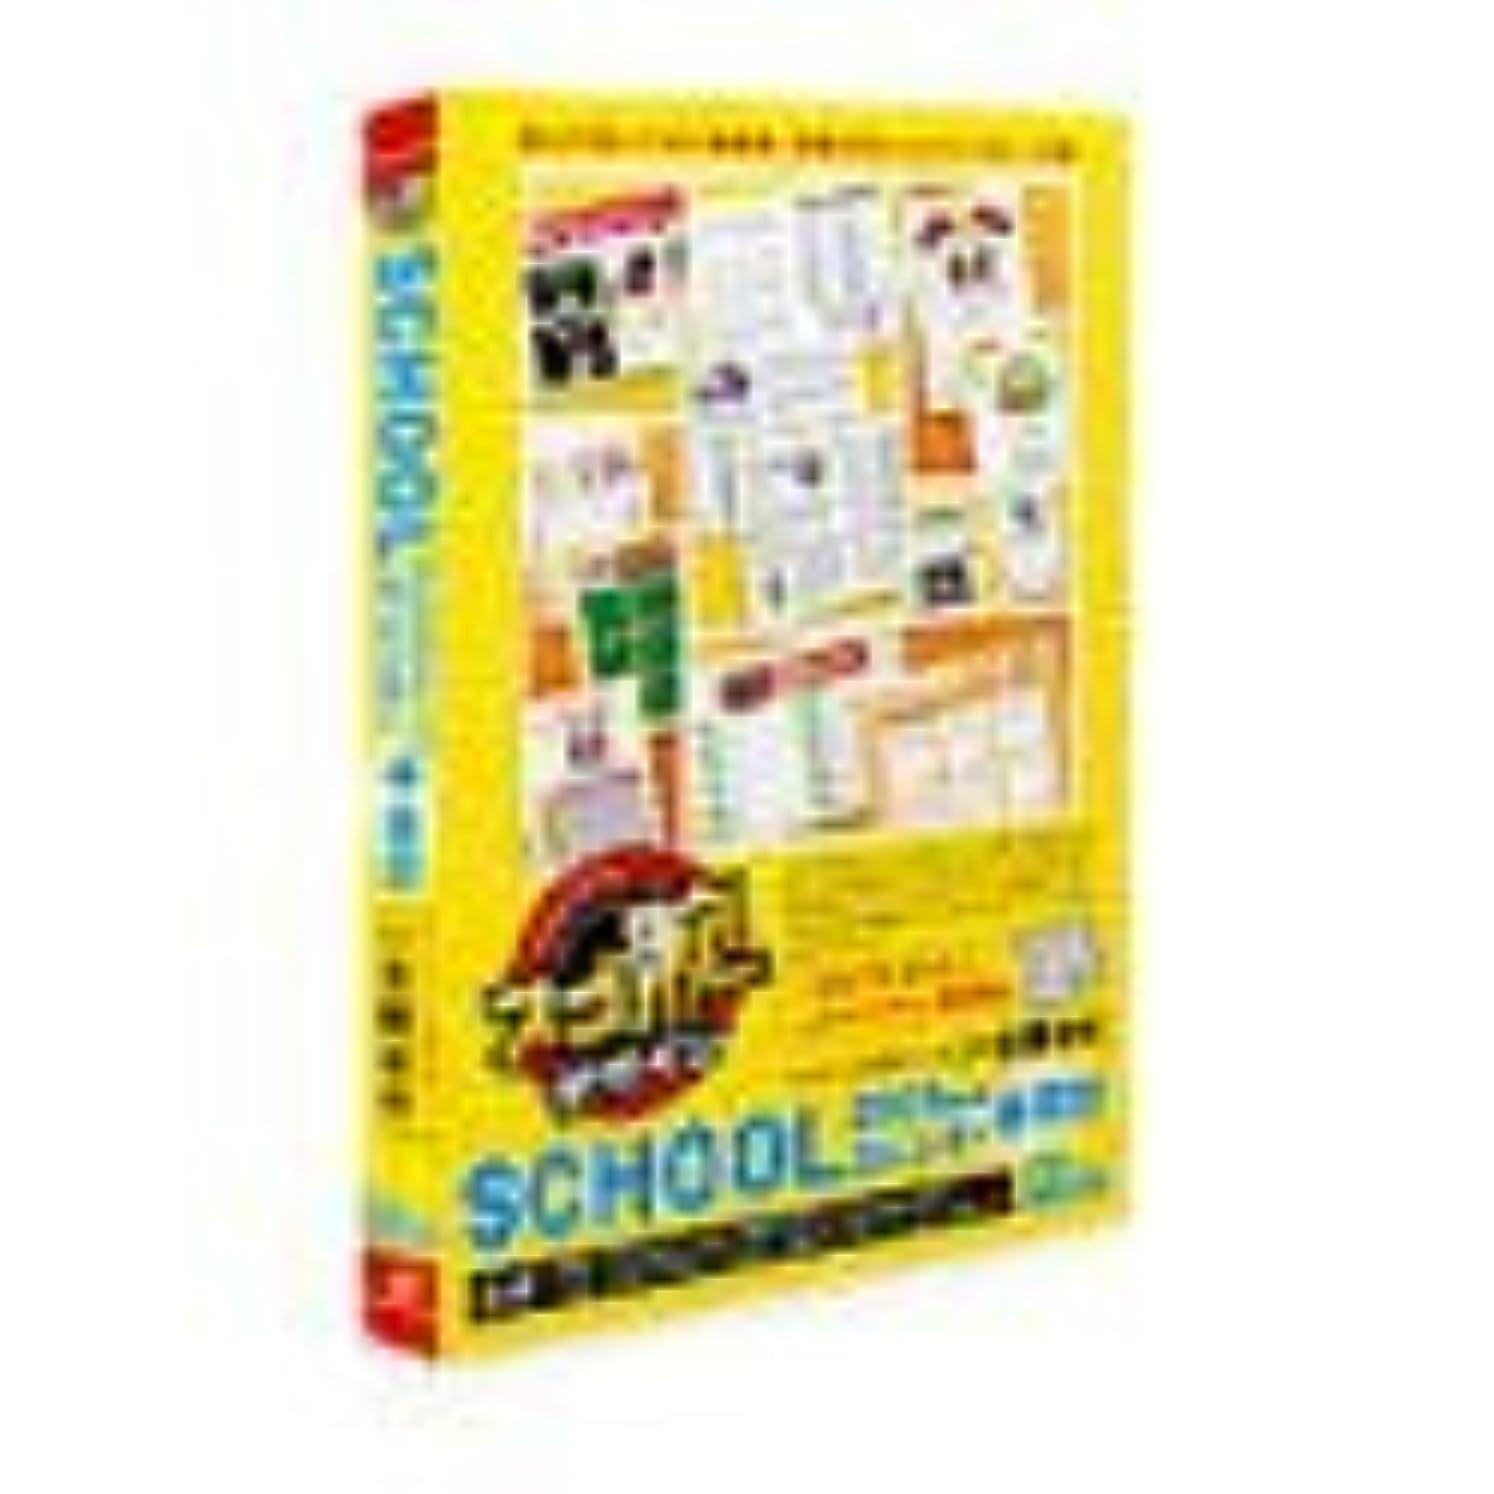 個性粗いレスリングスゴ腕デザイン SCHOOL 2005年度版カレンダー + 賞状 一太郎専用